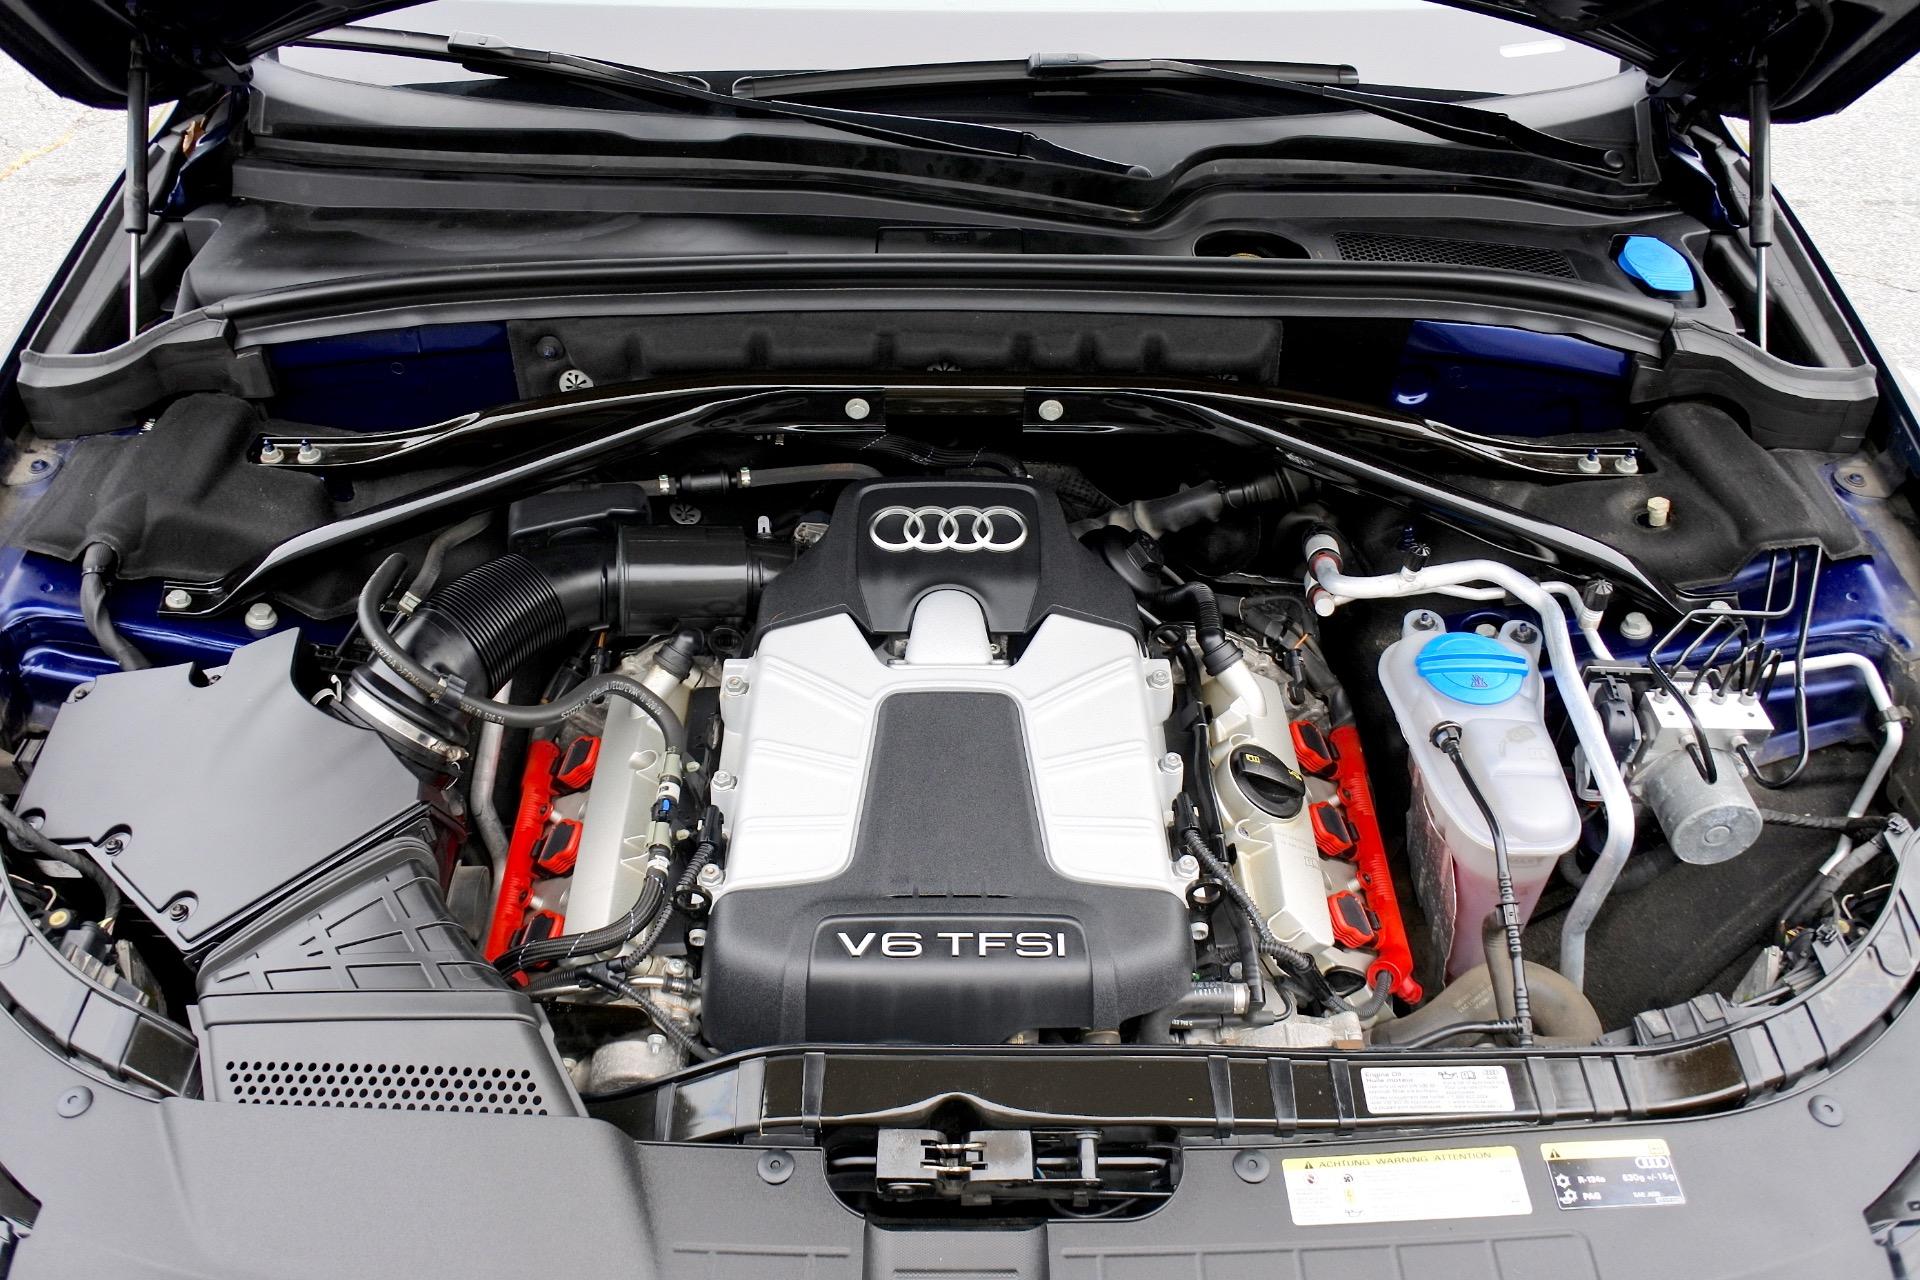 Used 2014 Audi Sq5 3.0 Quattro Used 2014 Audi Sq5 3.0 Quattro for sale  at Metro West Motorcars LLC in Shrewsbury MA 23